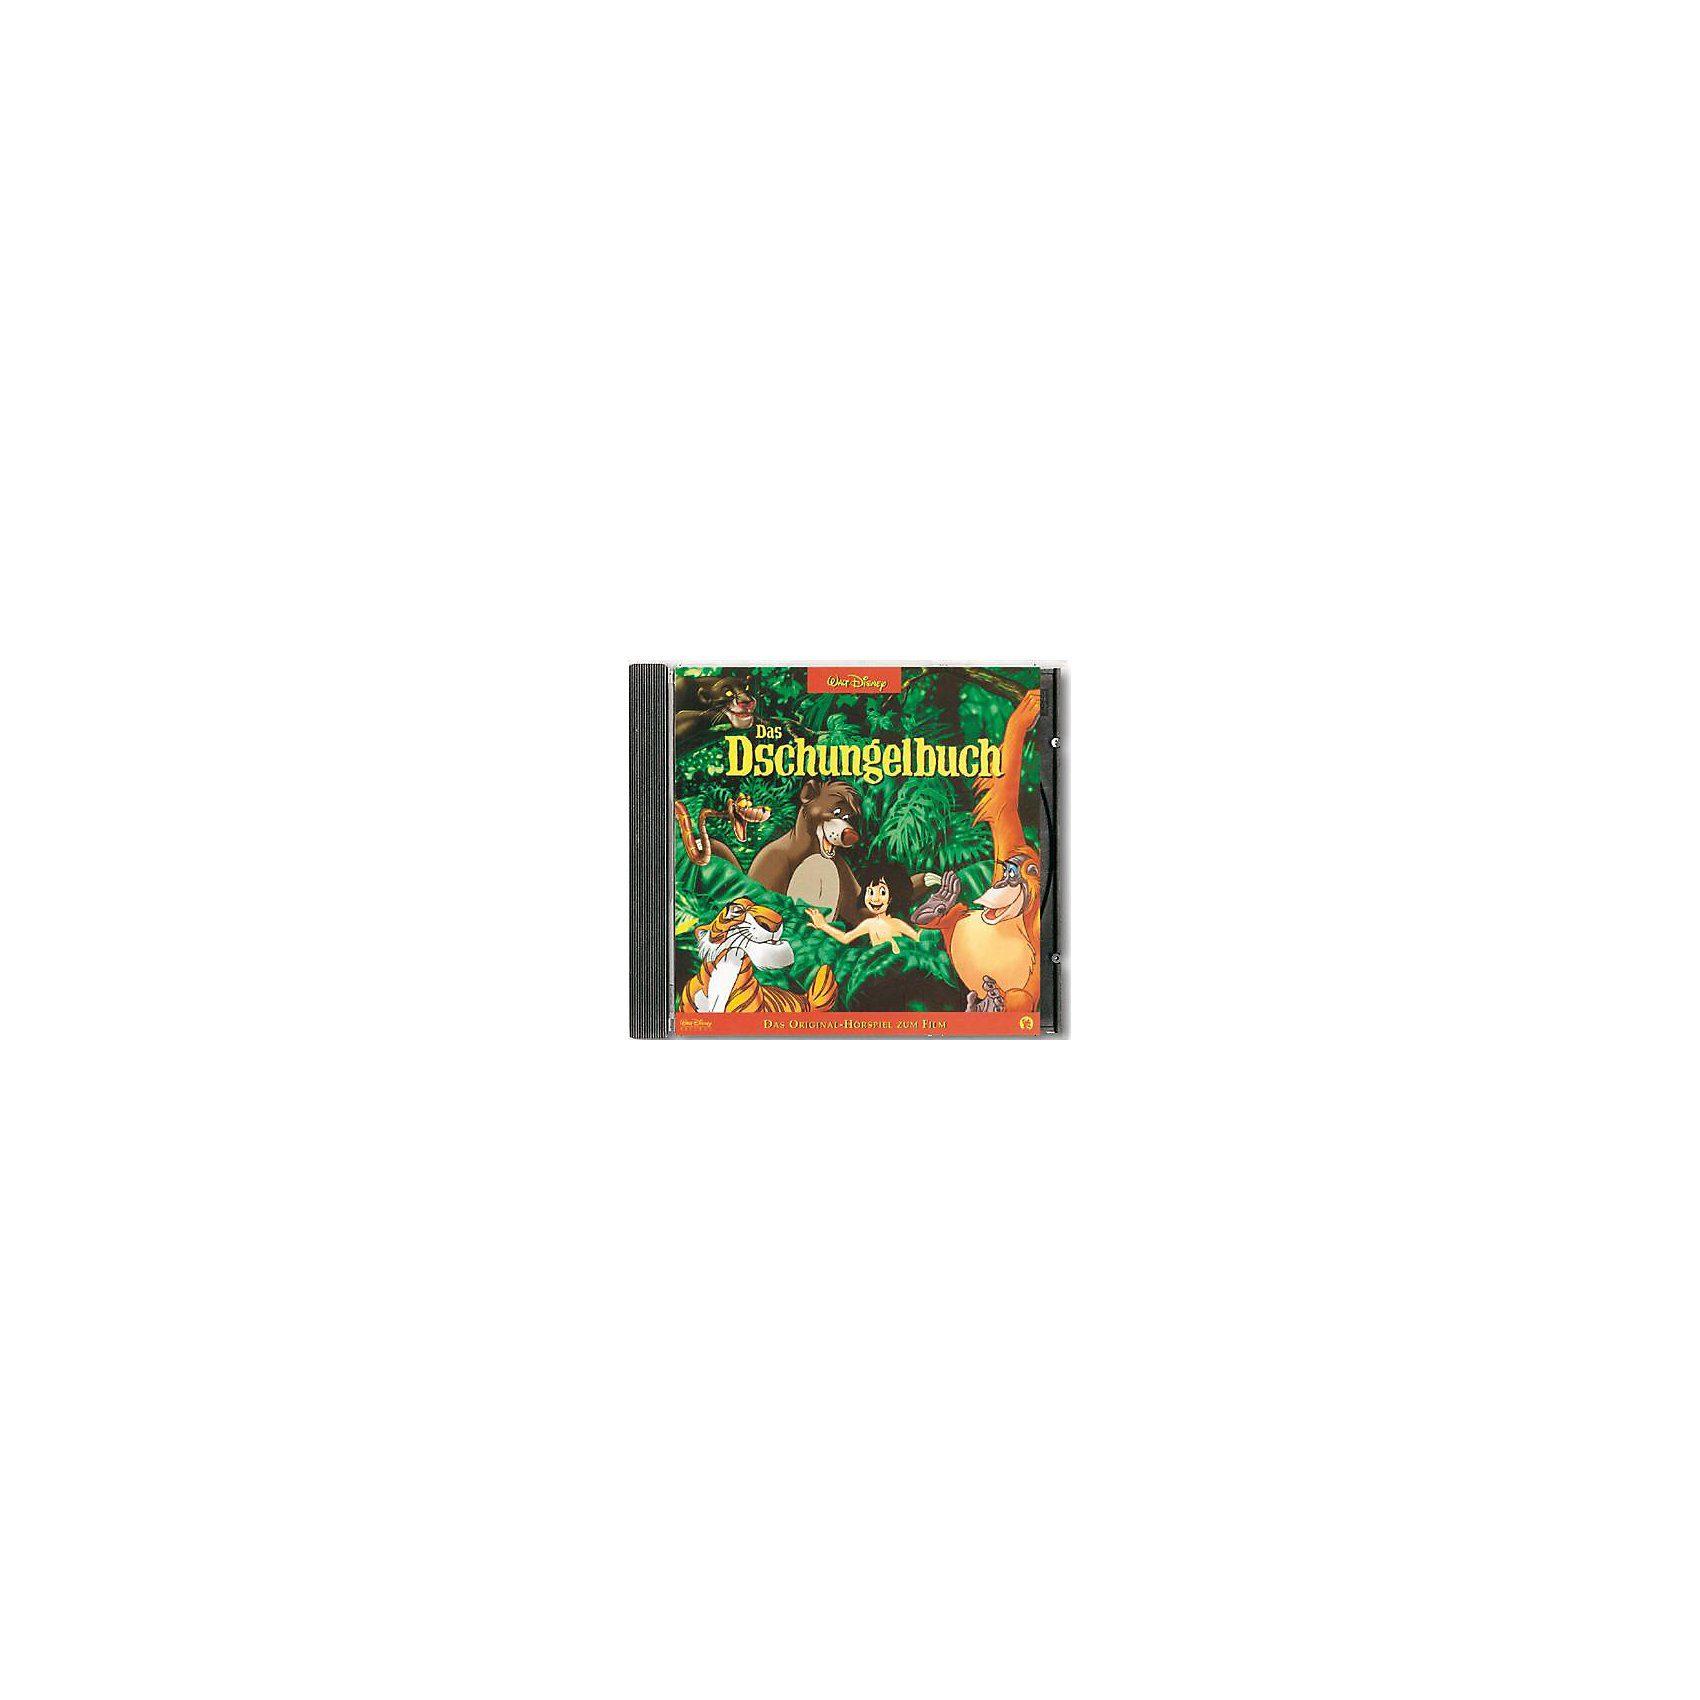 Kiddinx CD Disneys Das Dschungelbuch (Original-Hörspiel zum Film)